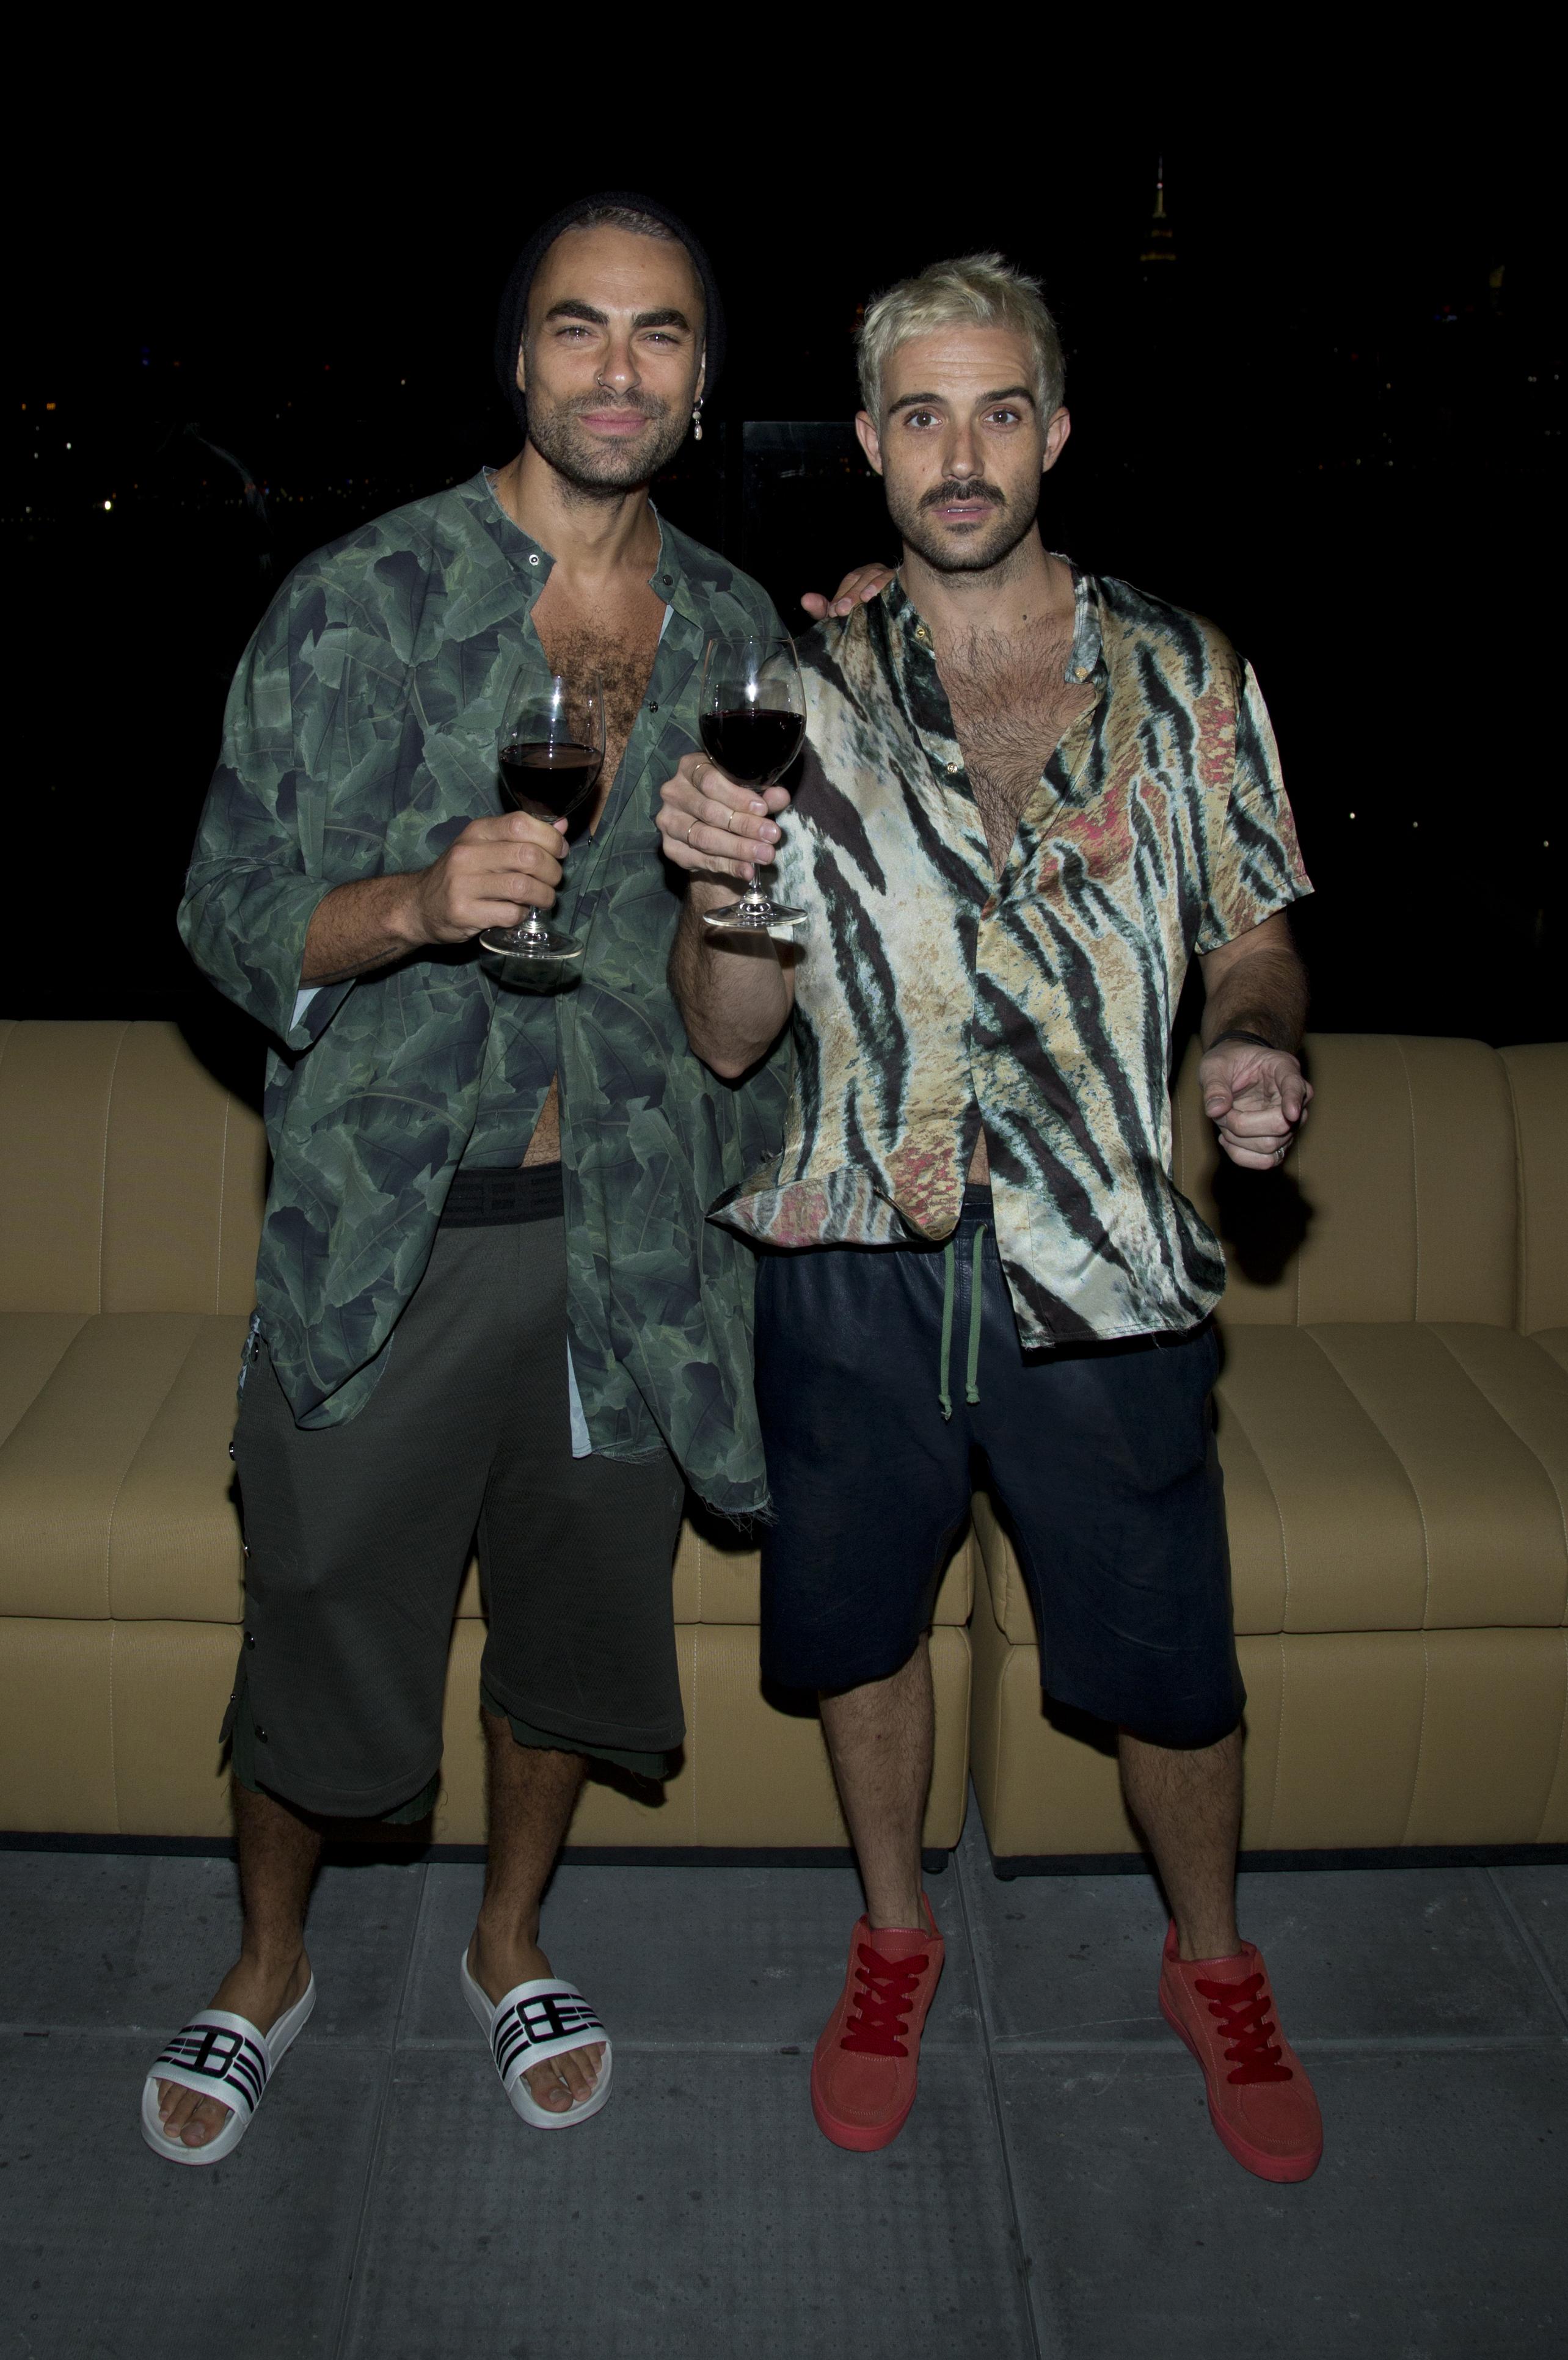 Scott Studenberg and John Targon of Baja East.